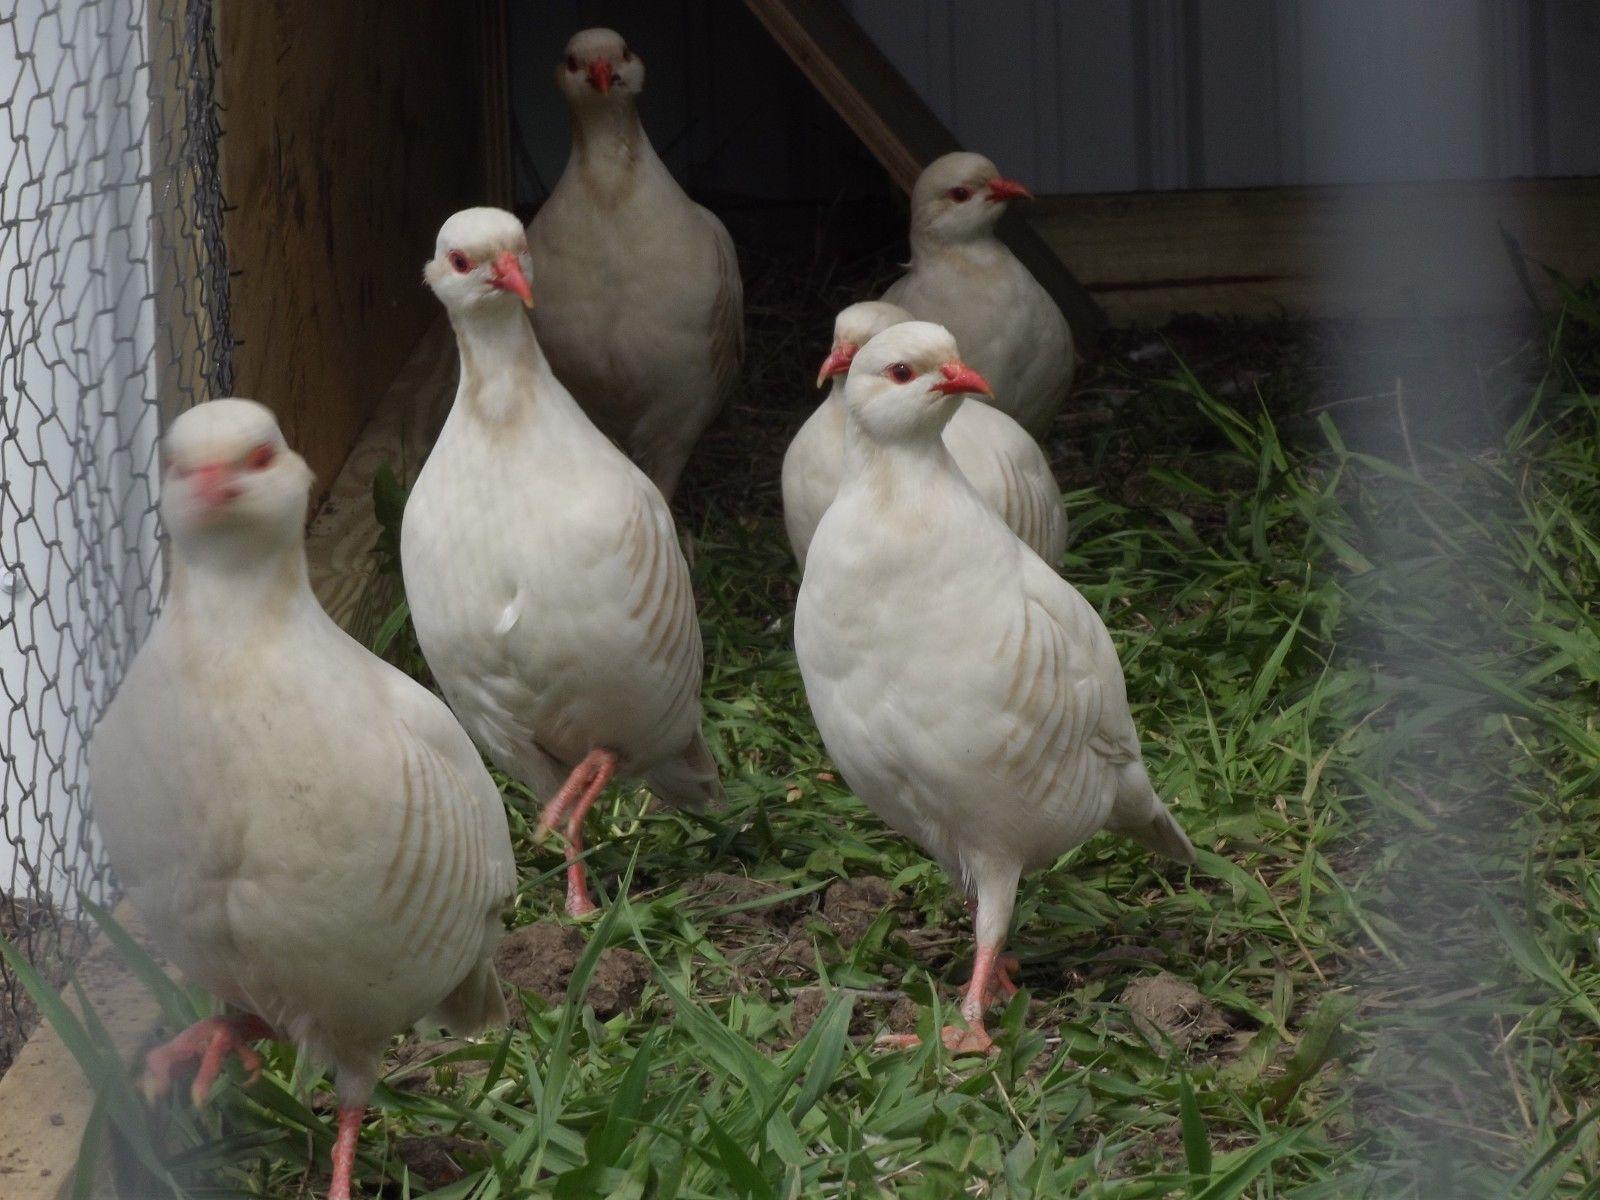 10 Albino Chuckar Partridge Hatching Eggs Pheasant Quail